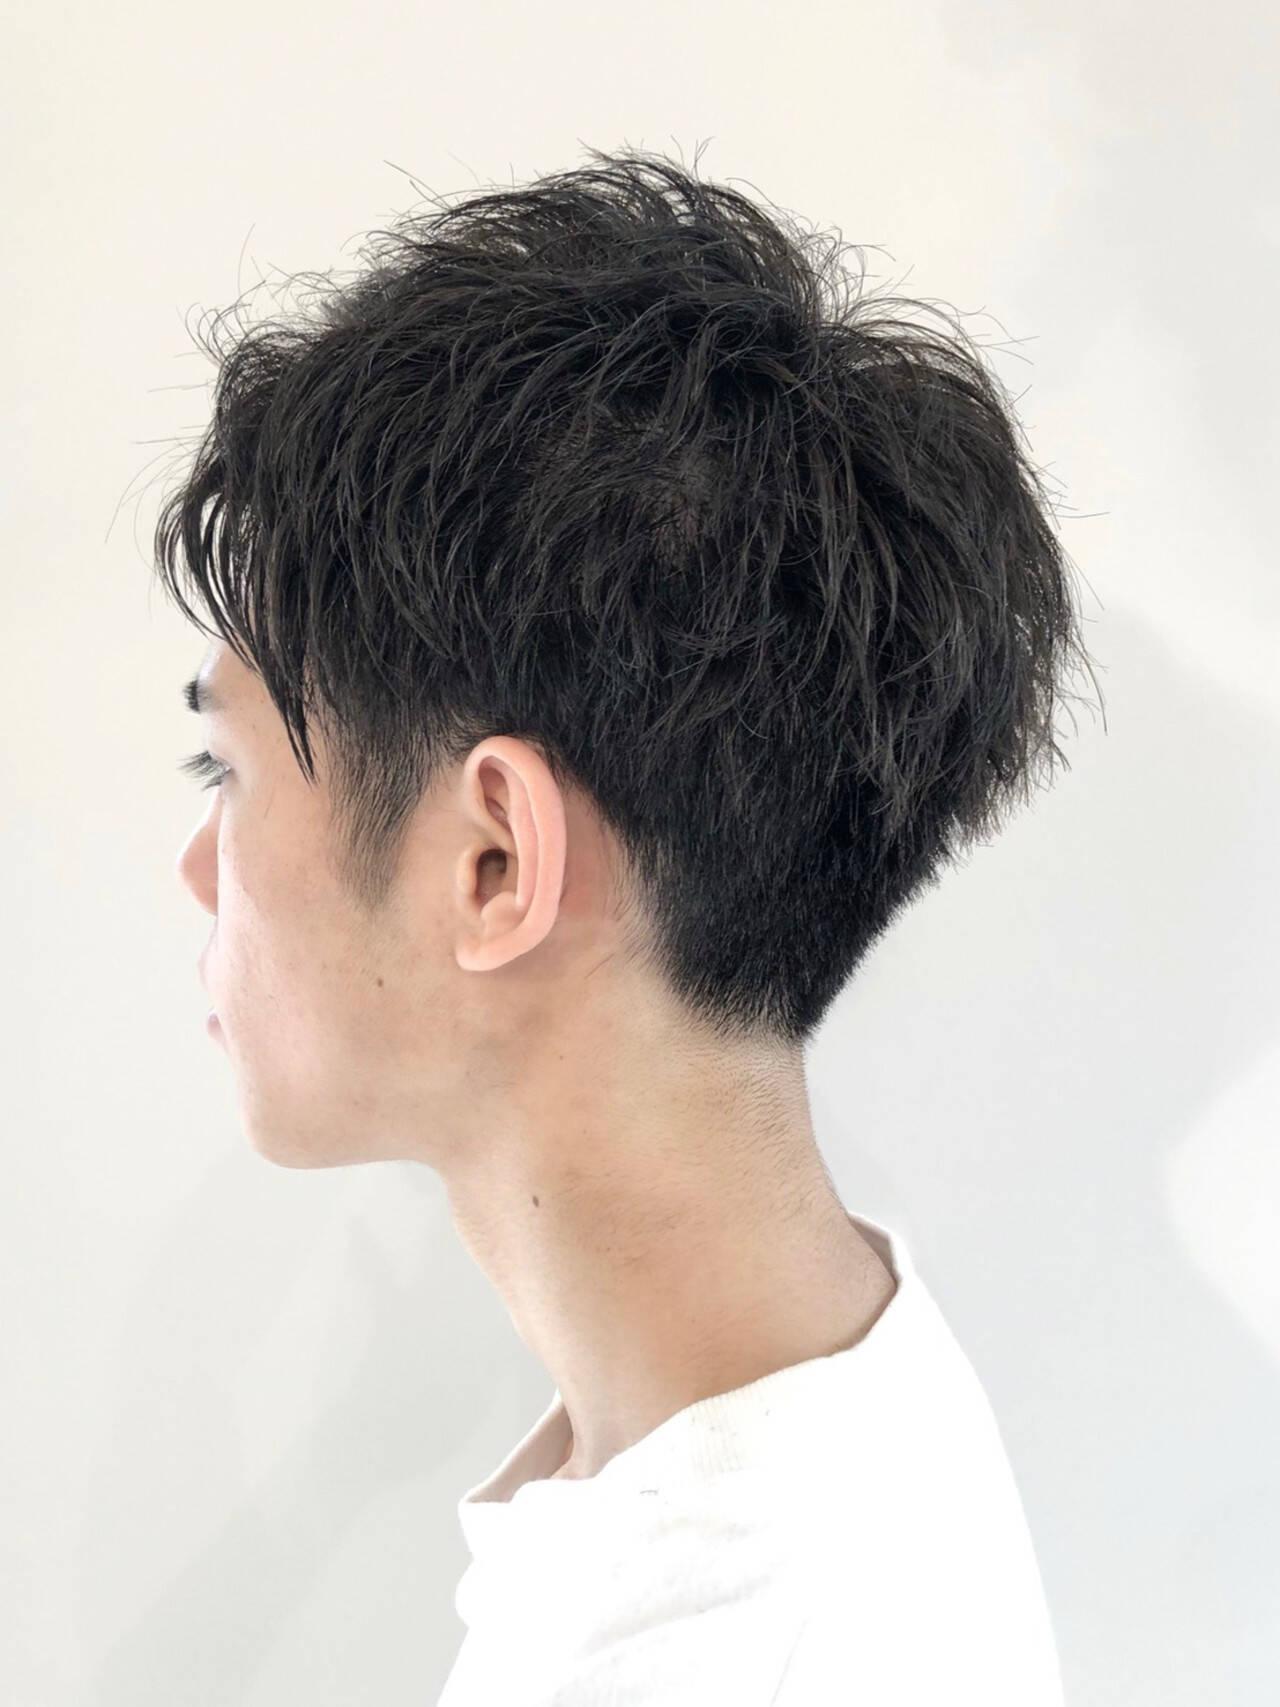 2ブロック ショート ナチュラル メンズスタイルヘアスタイルや髪型の写真・画像